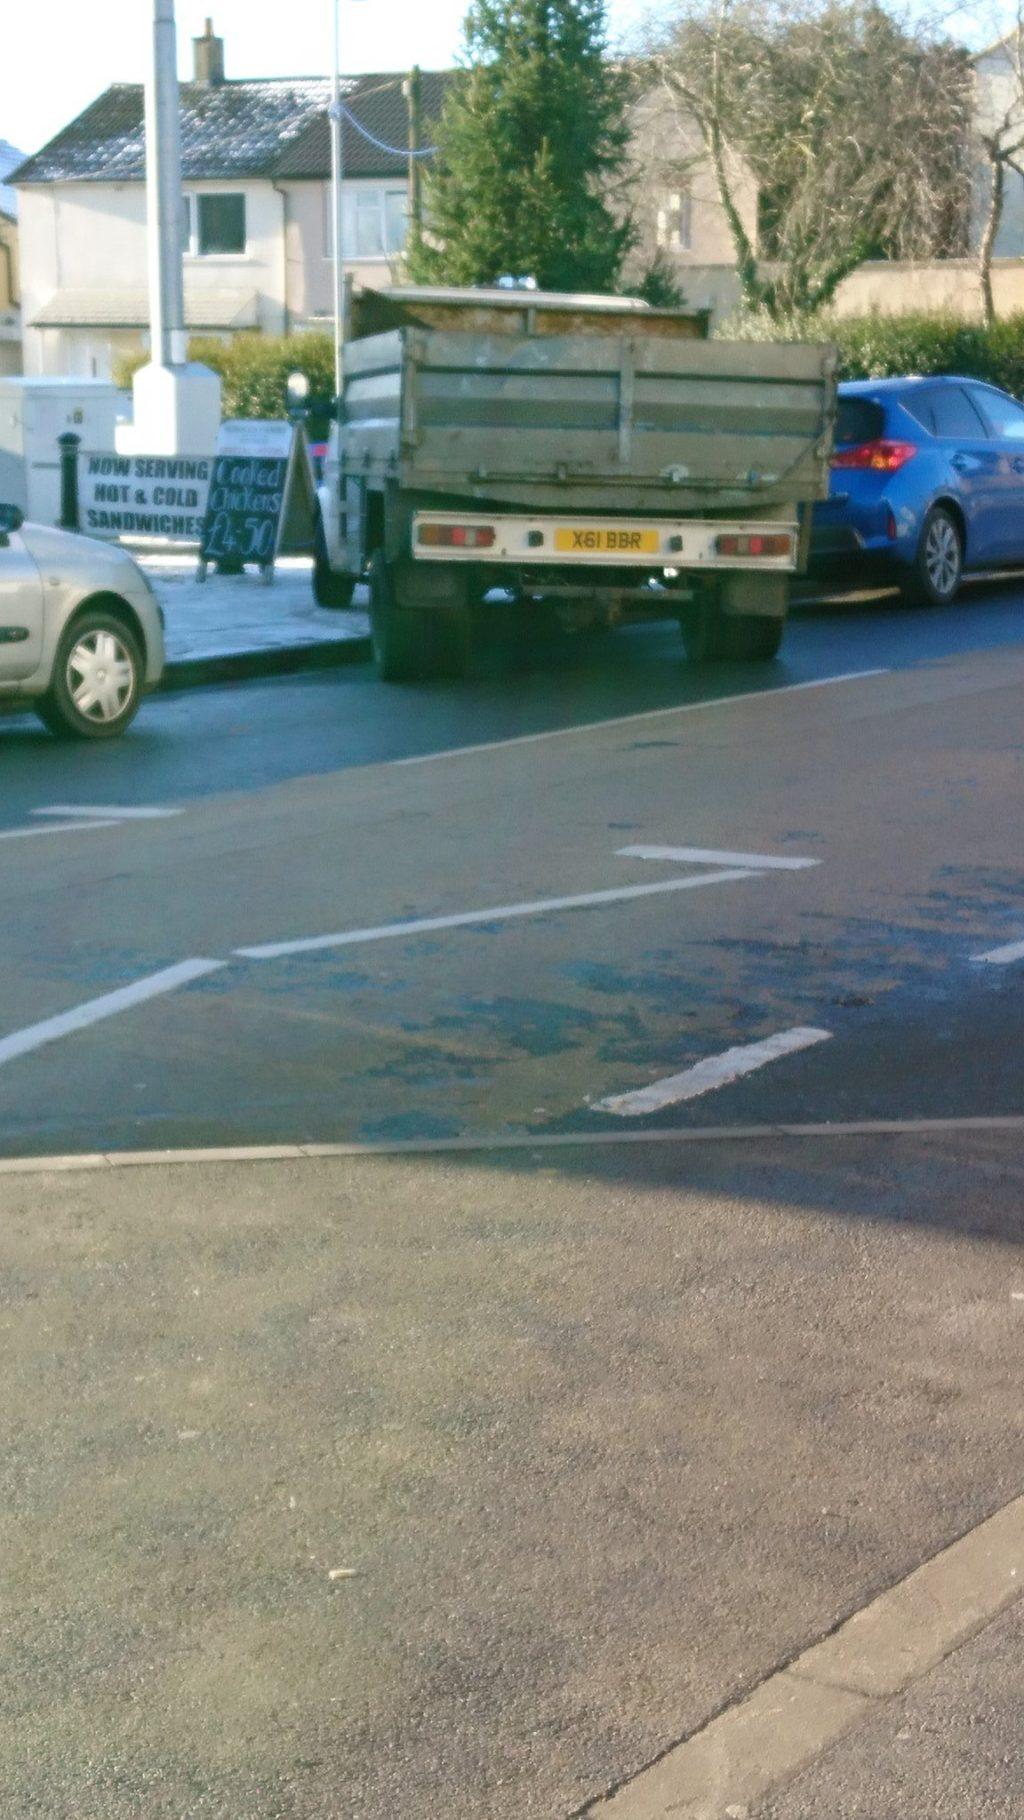 X61 BBR displaying Selfish Parking